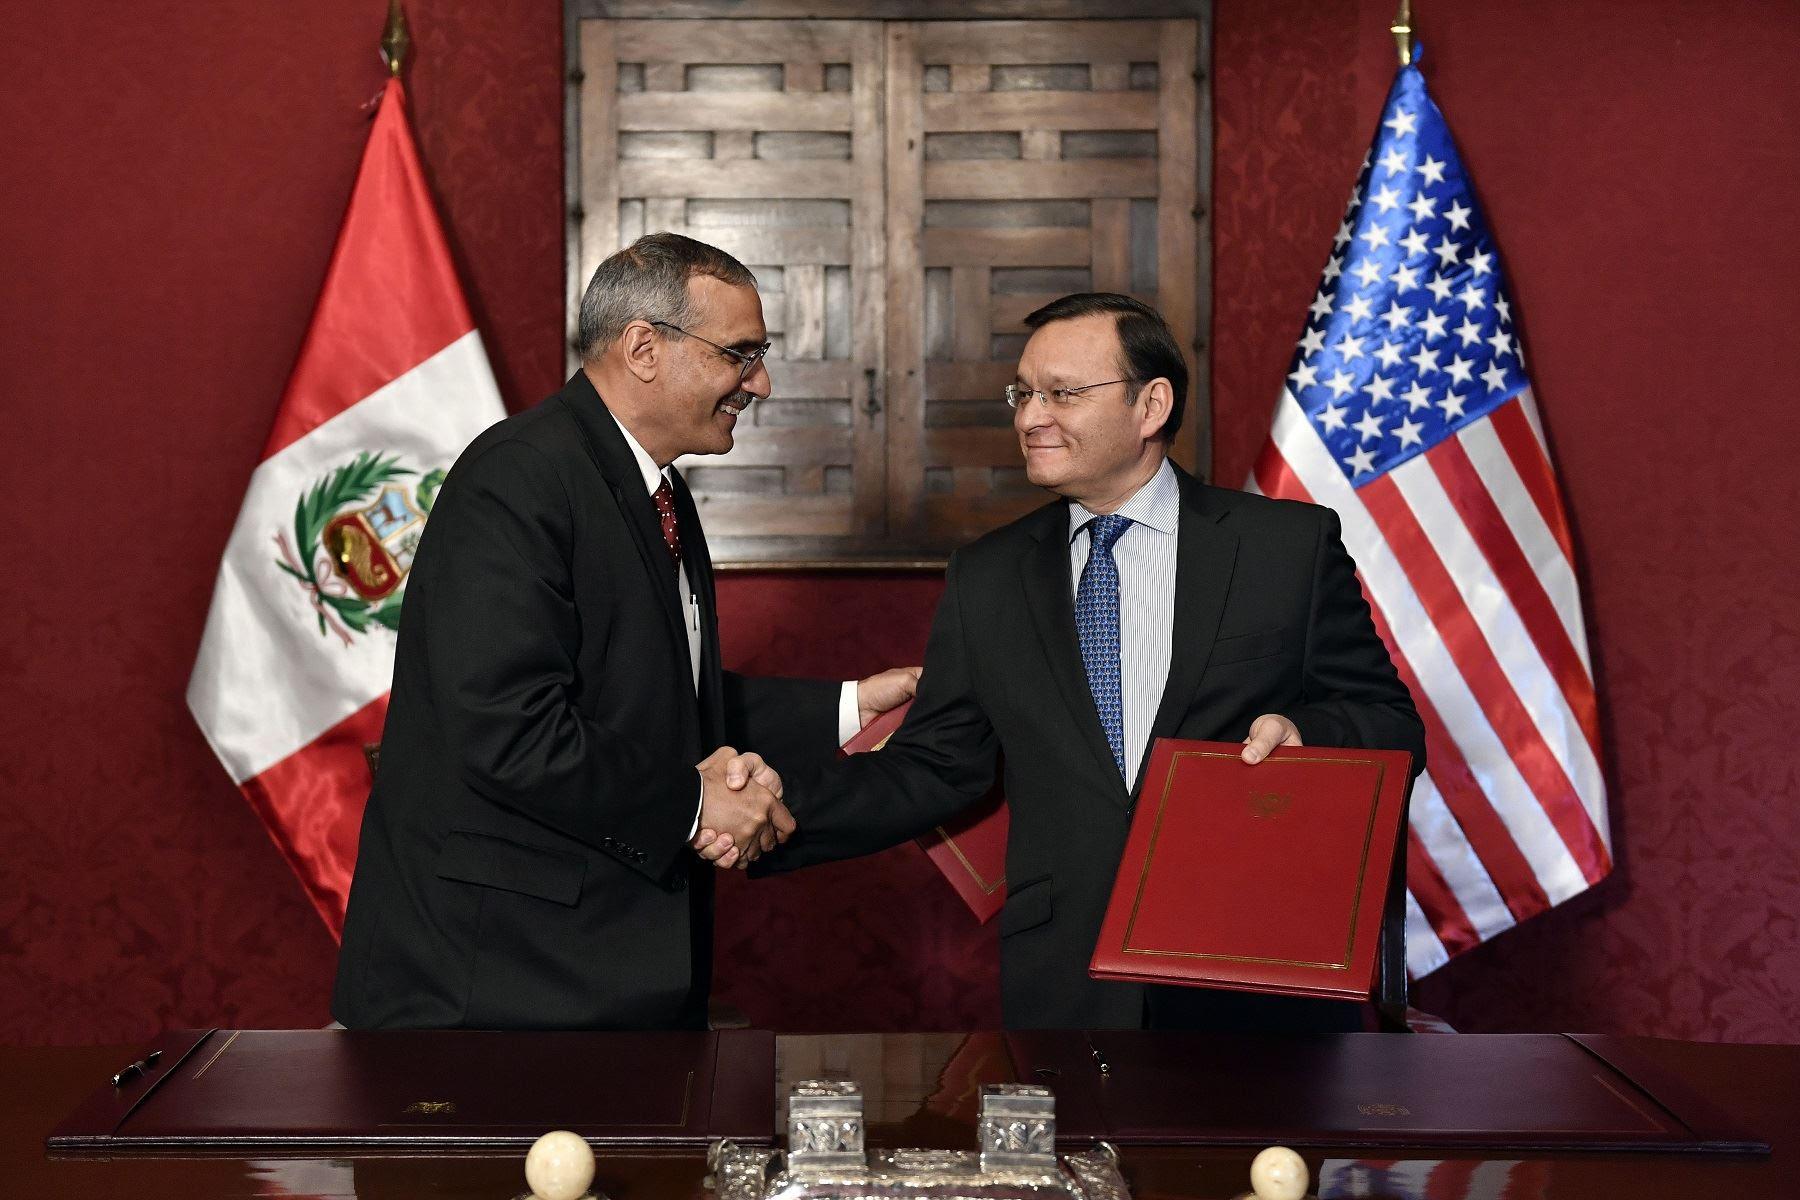 Firma de memorándum de entendimiento para el combate al terrorismo entre Perú y Estados Unidos, a cargo del canciller peruano Néstor Popolizio, y el embajador estadounidense en Lima, Krishna Urs.